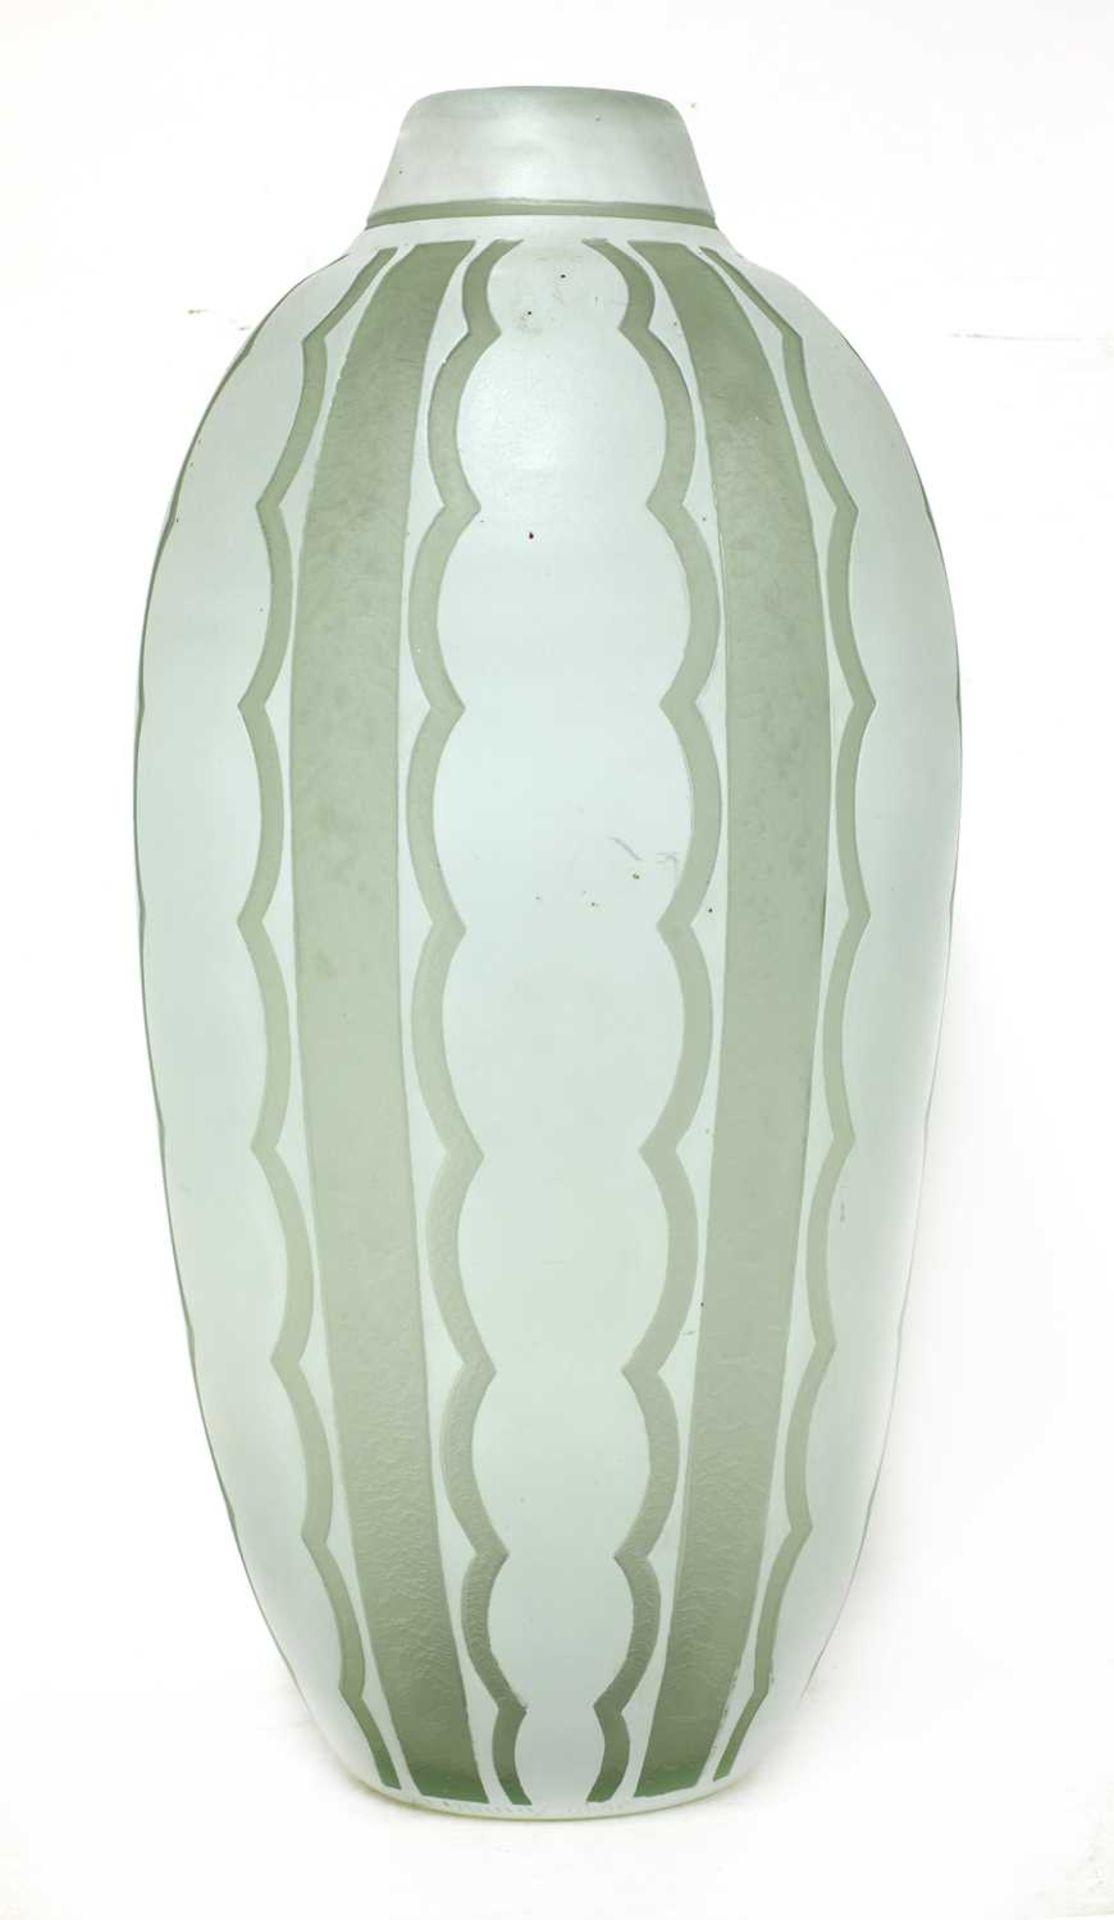 A Daum cased glass vase, - Image 2 of 3